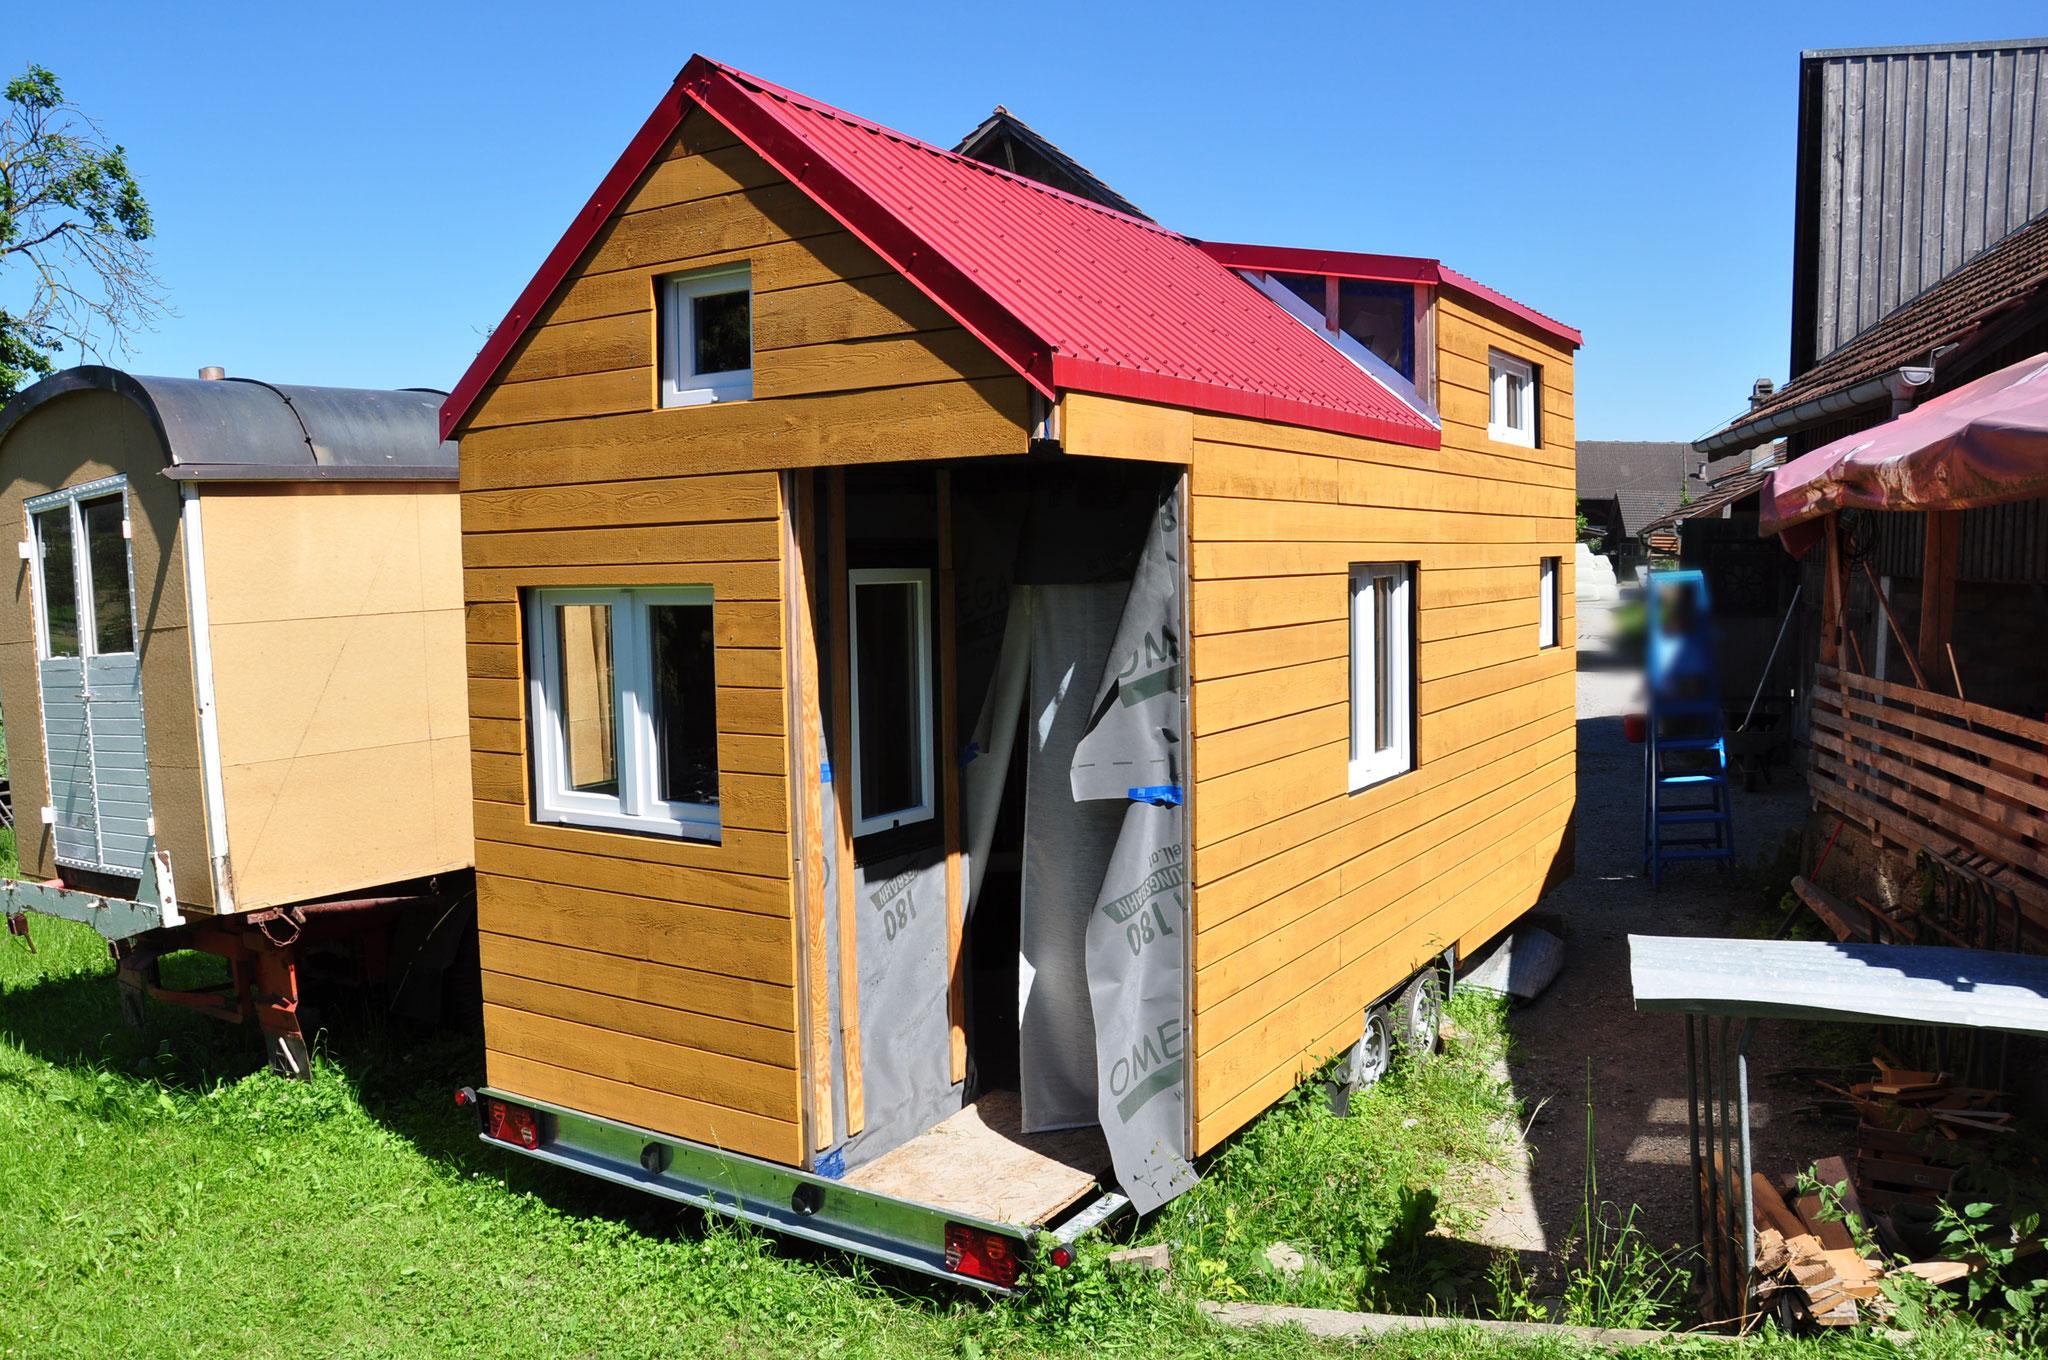 herzlich willkommen tiny house projekt schweiz